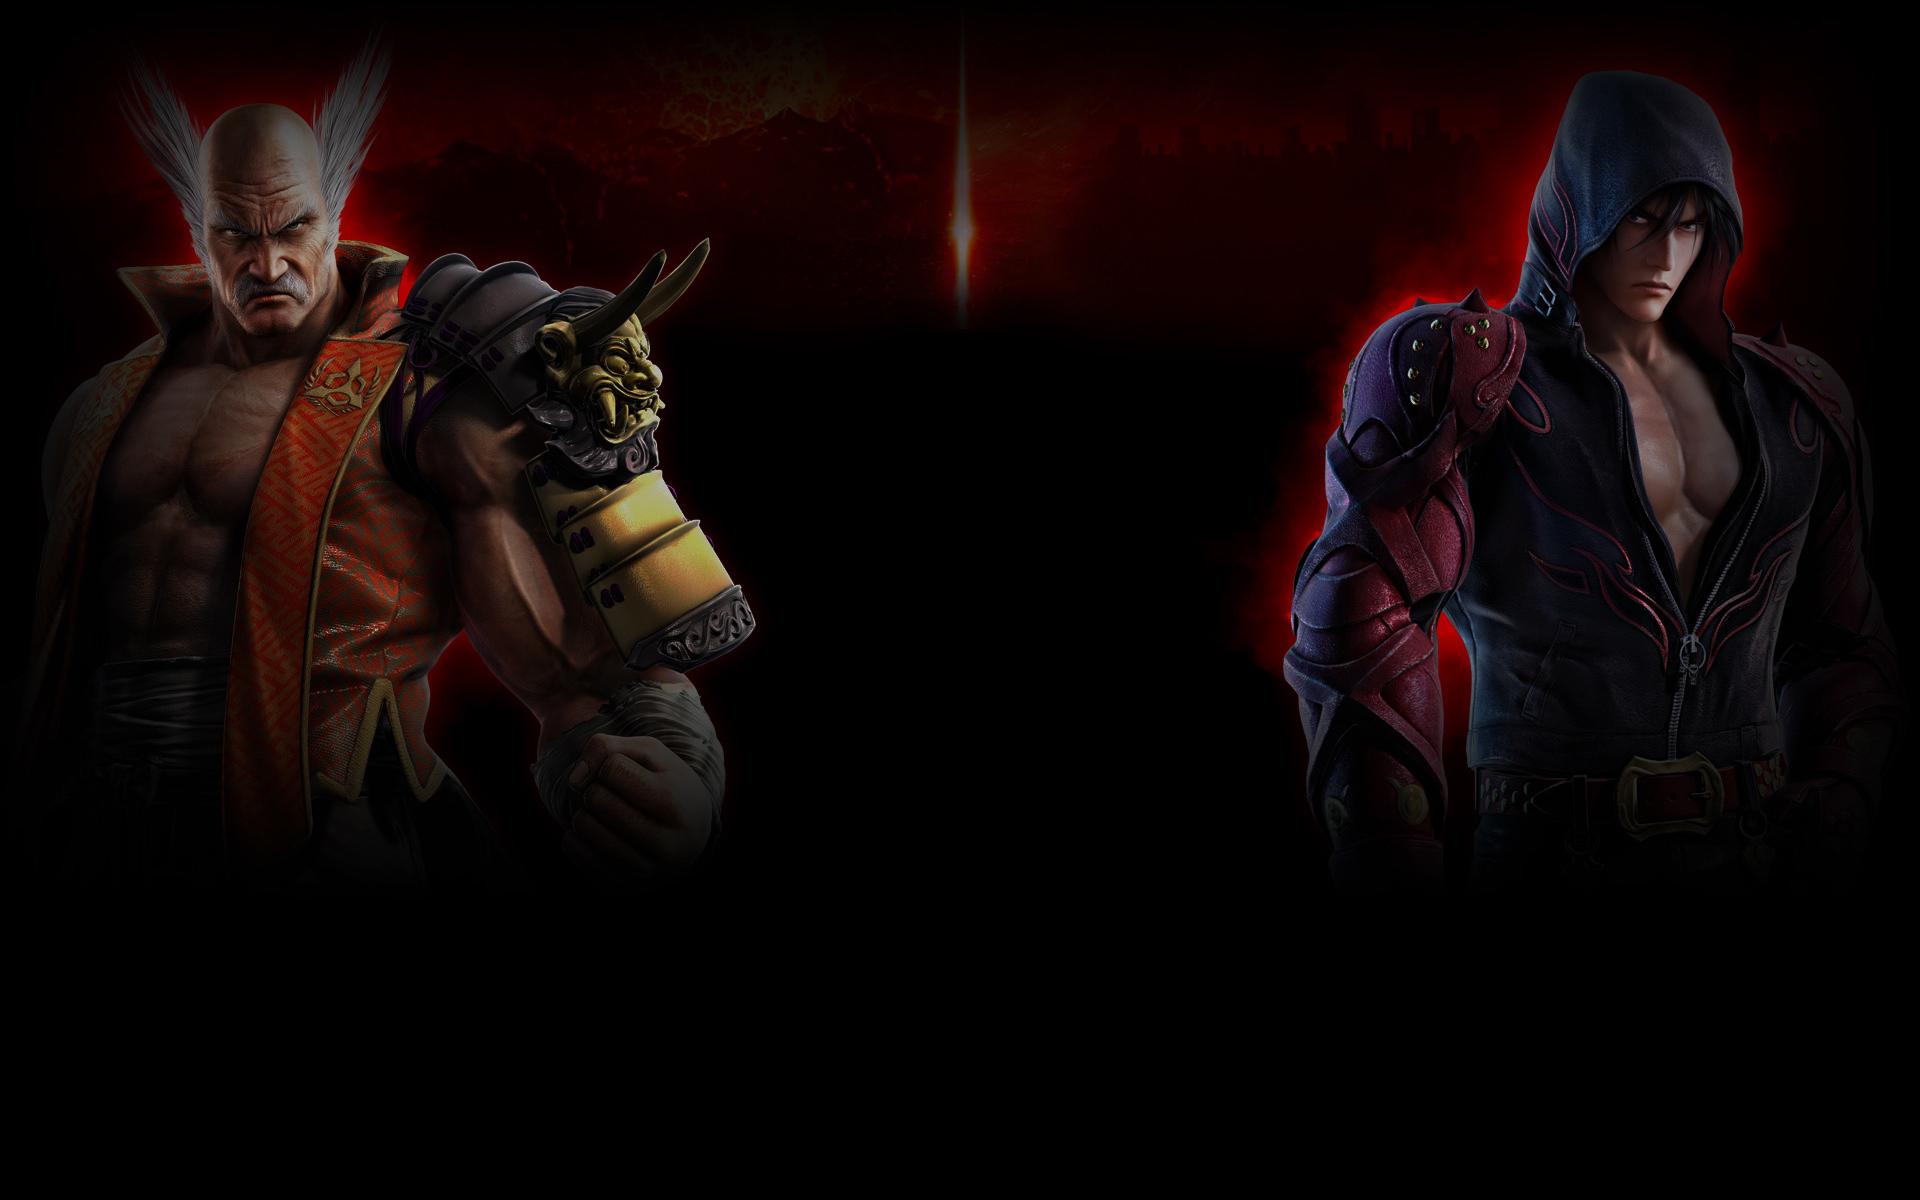 Tekken 7 Wallpaper 002 Heihachi And Jin Wallpapers Ethereal Games